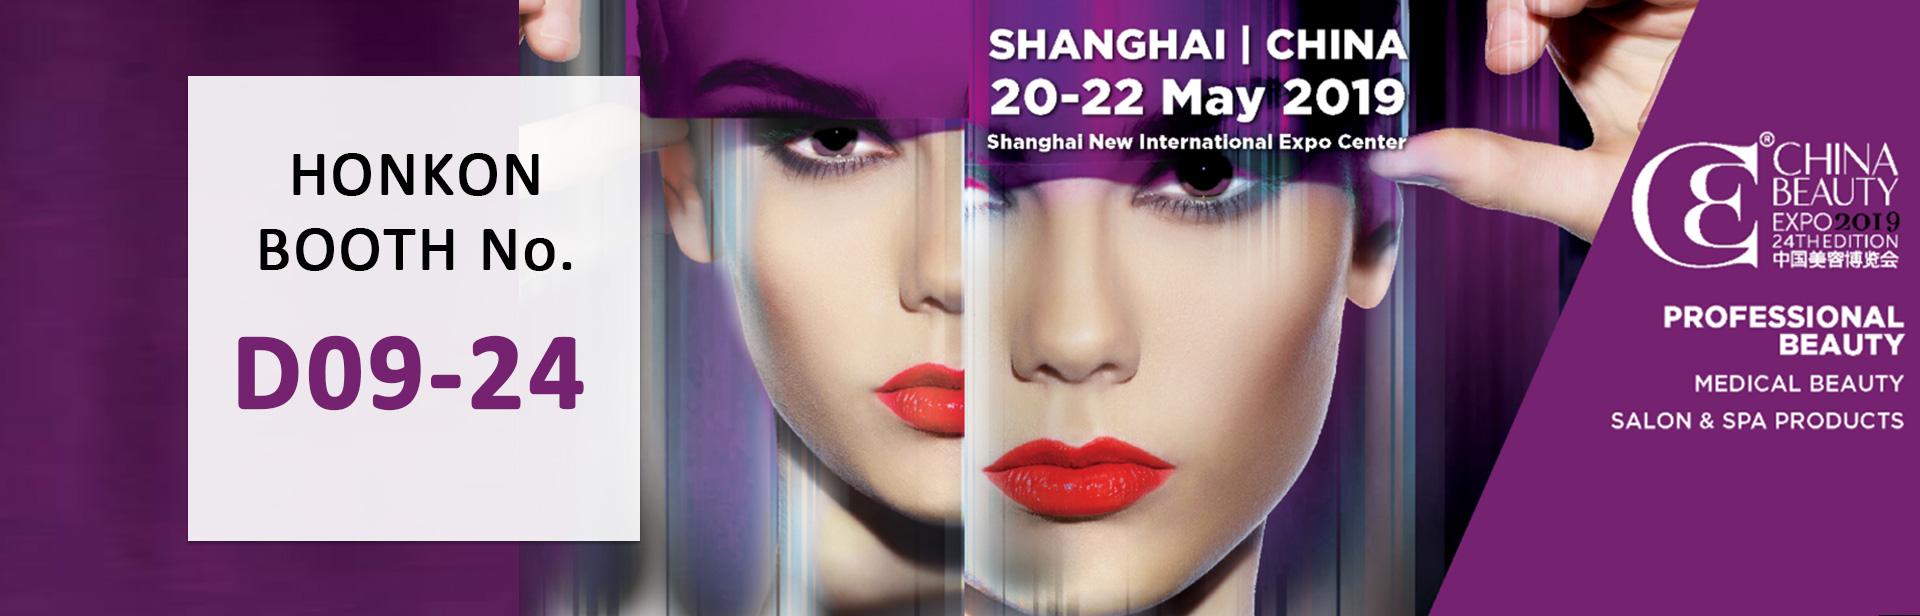 CHINA BEAUTY EXPO 2019/5/20-22 SHANGHAI,CHINA - Beijing